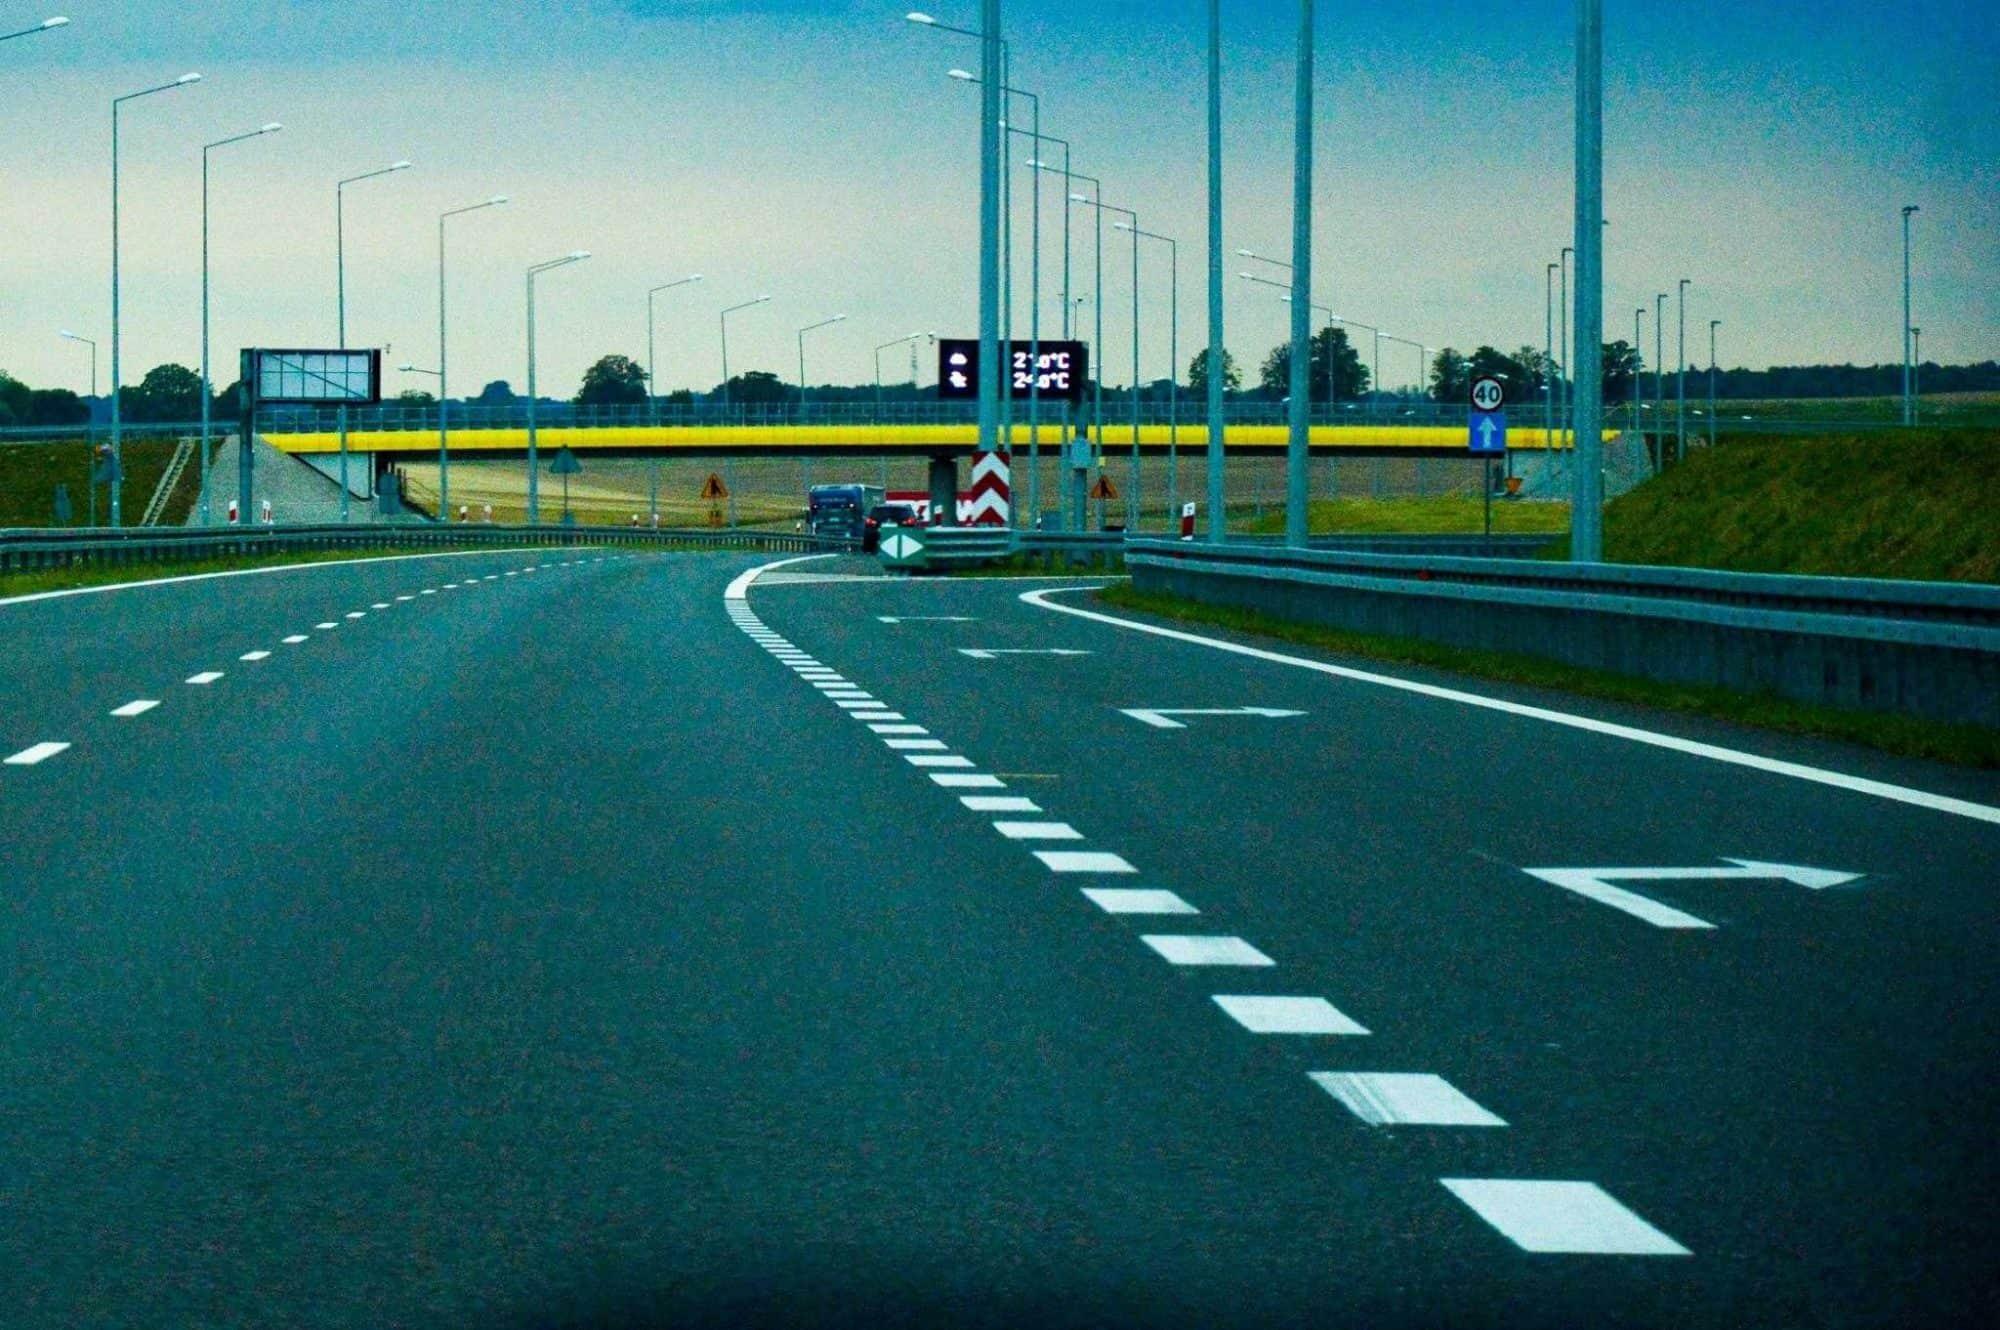 Blink Roadside Assistance